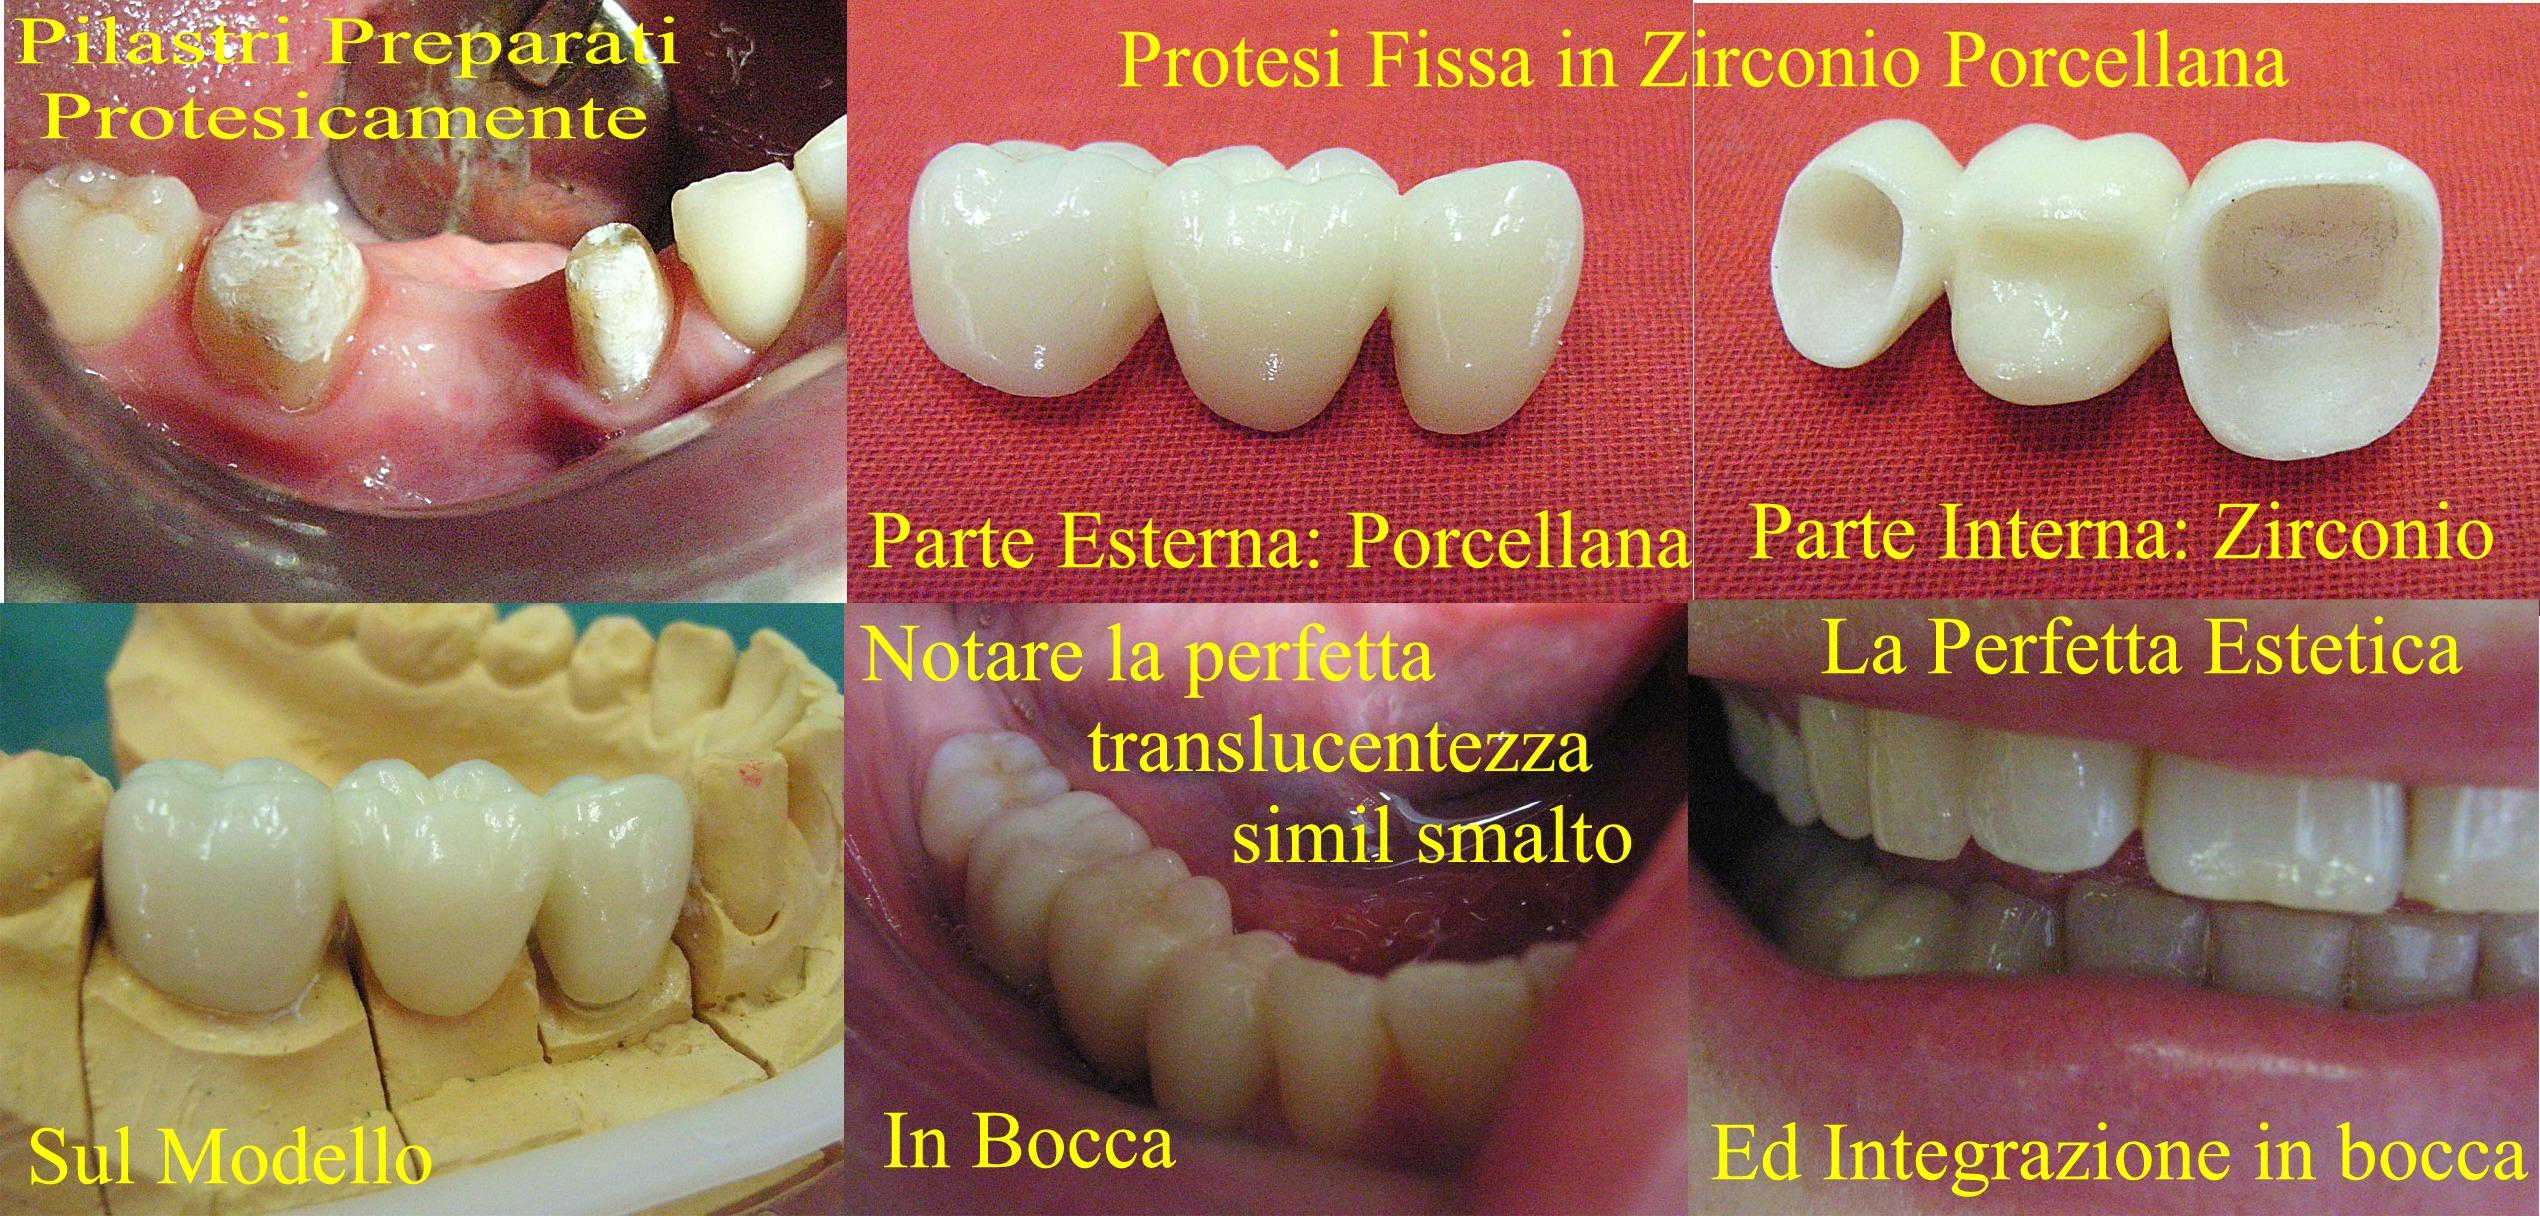 Protesi fissa in Zirconia porcellana. Da casistica della Dr.ssa Claudia Petti di Cagliari